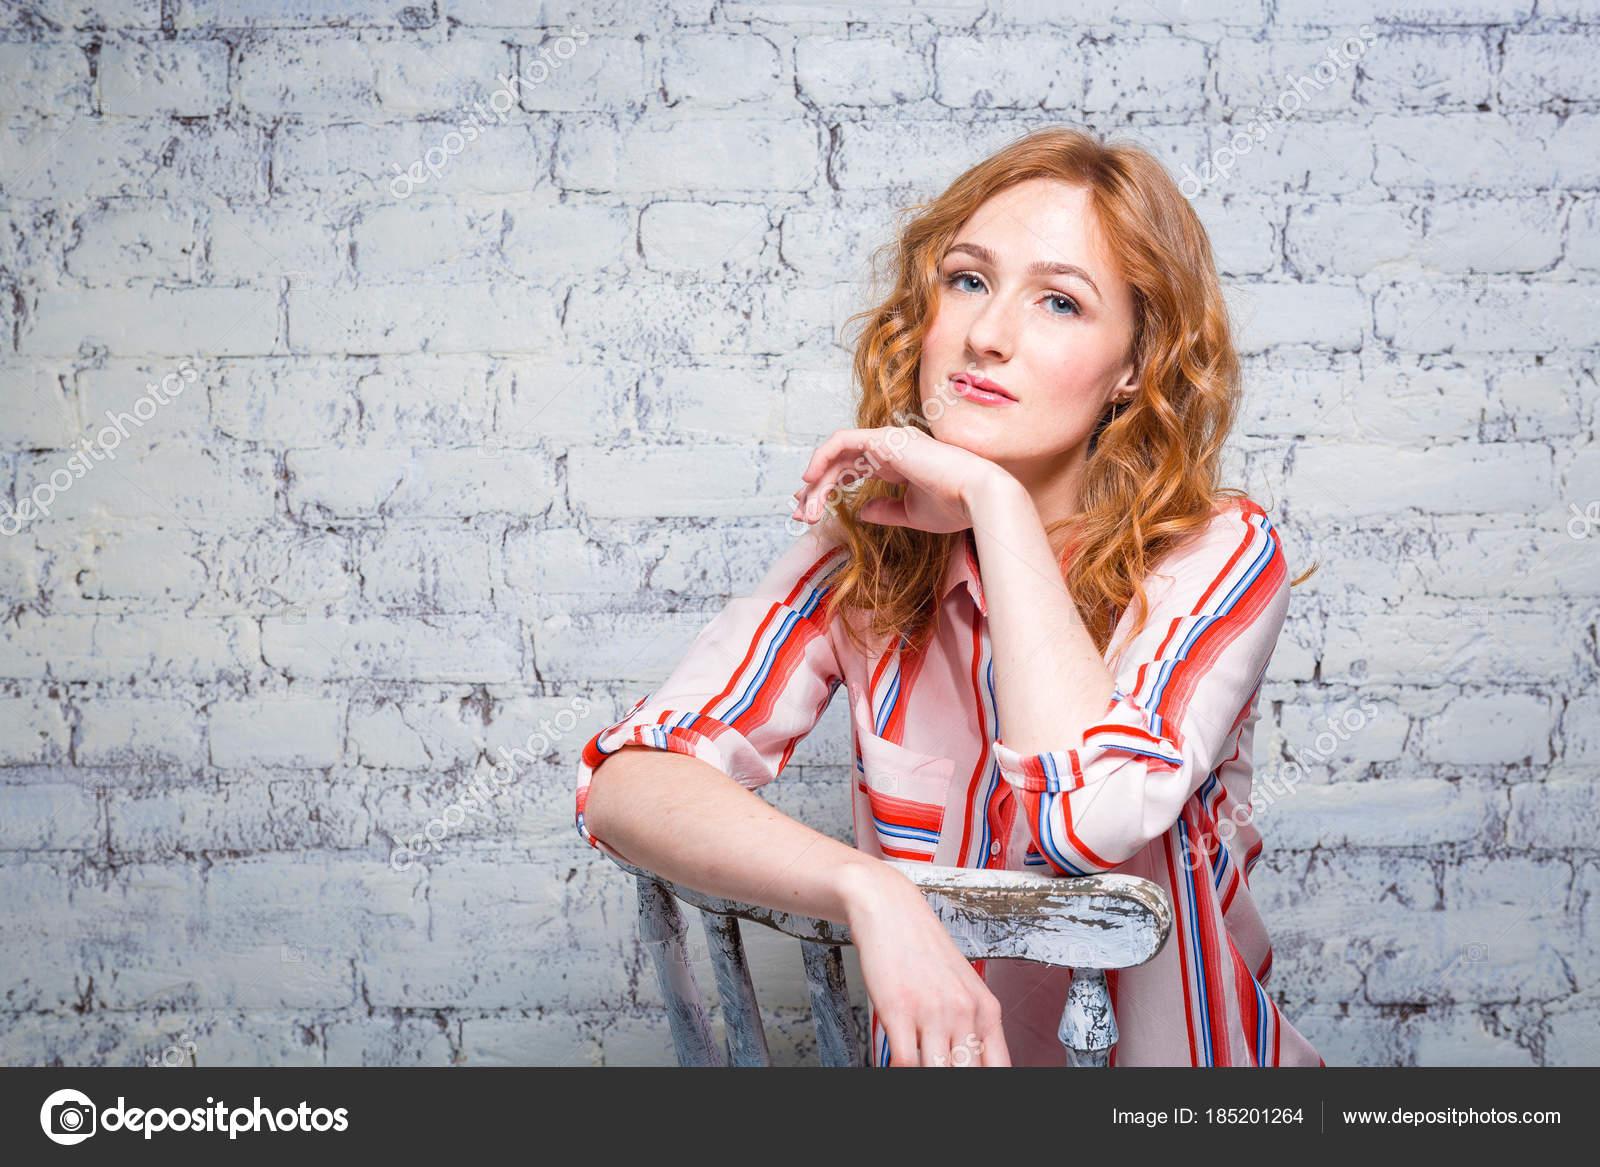 e963b746c retrato bonito jovem estudante com cabelo encaracolado ruivo e sardas no  rosto